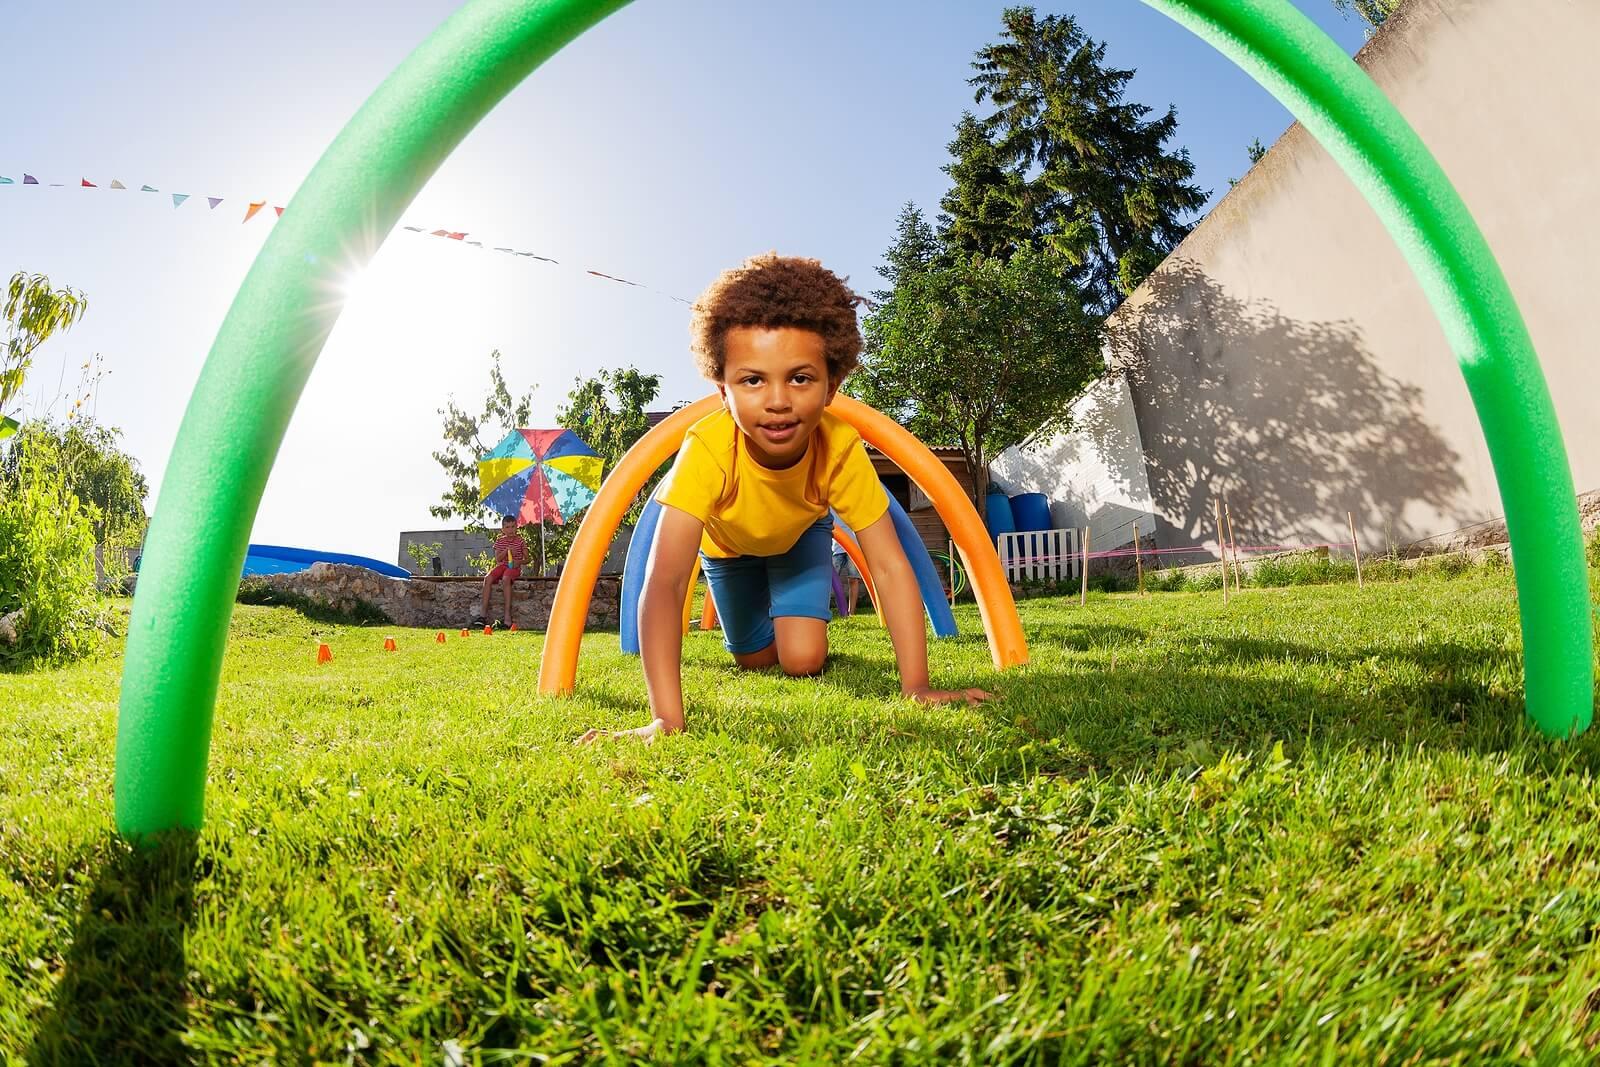 Niño haciendo una carrera de obstáculos.